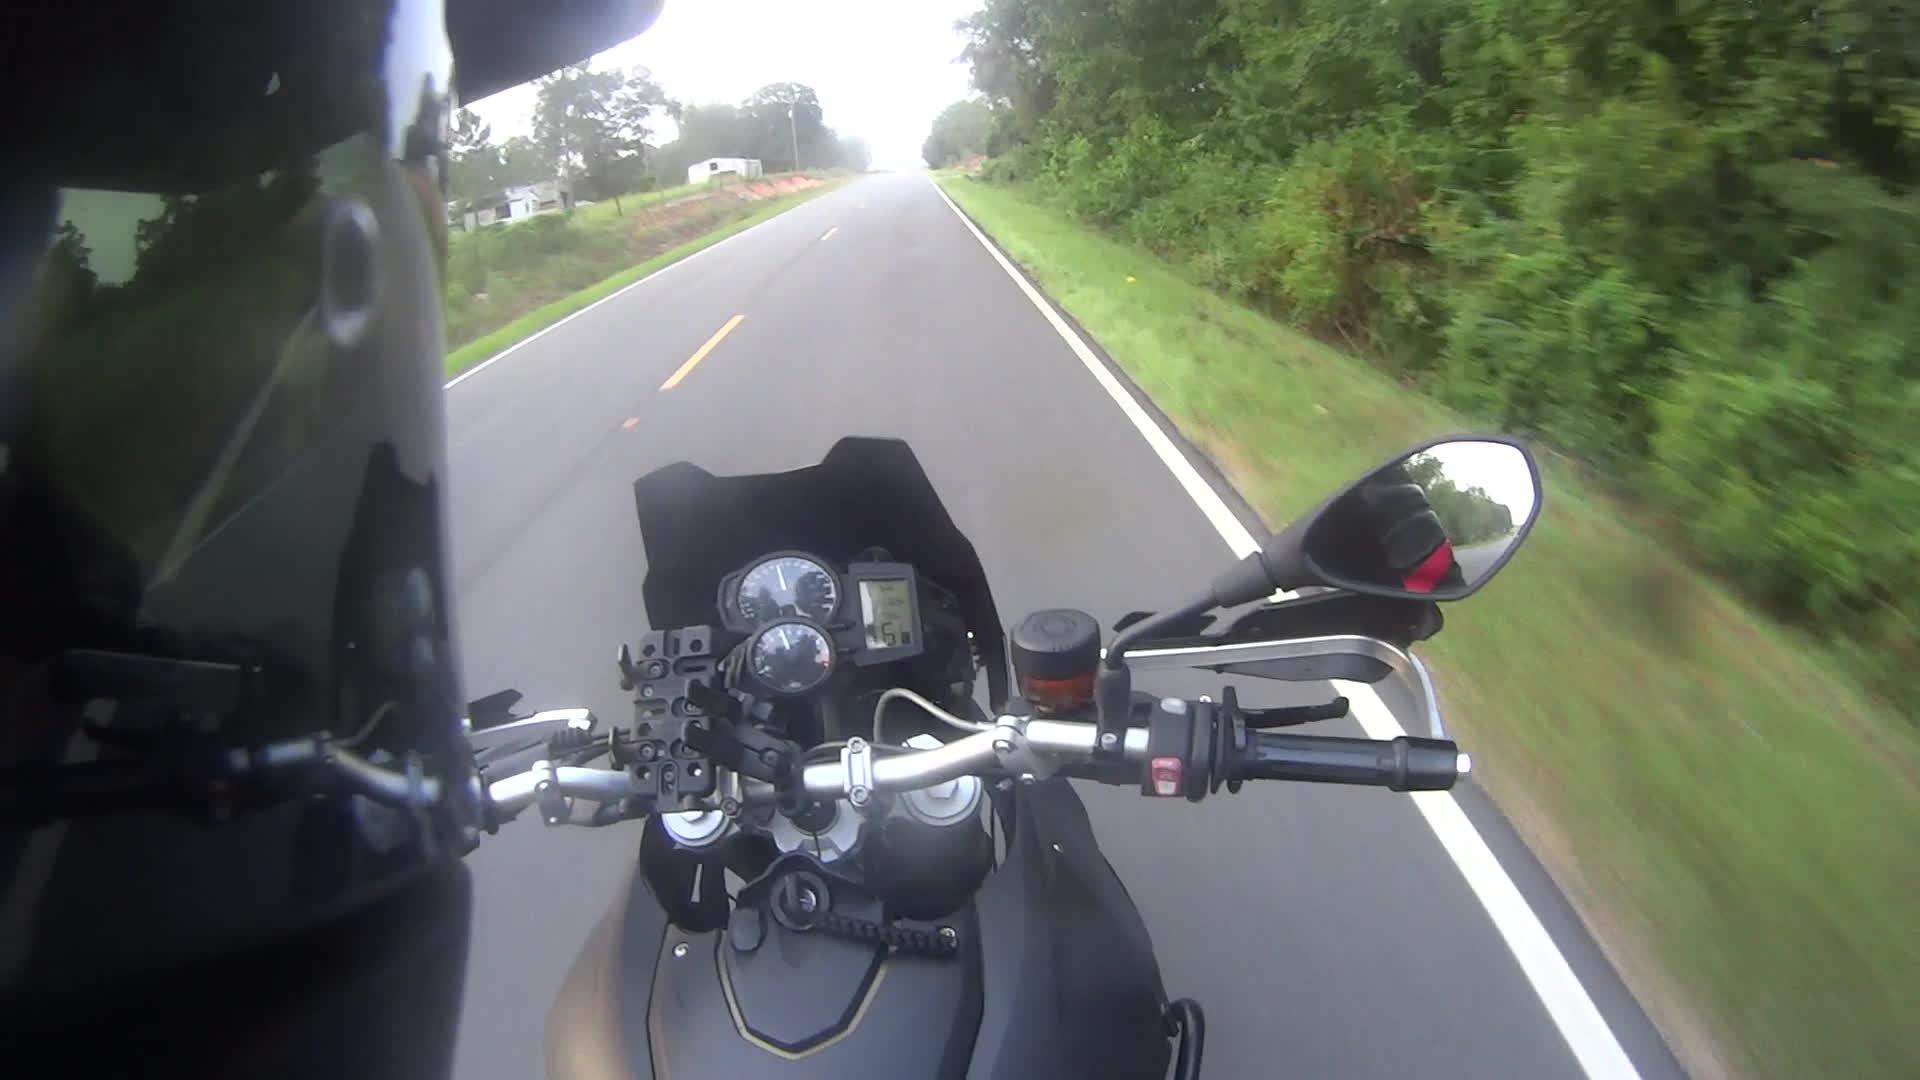 motorcycles, Suicidal Bird GIFs